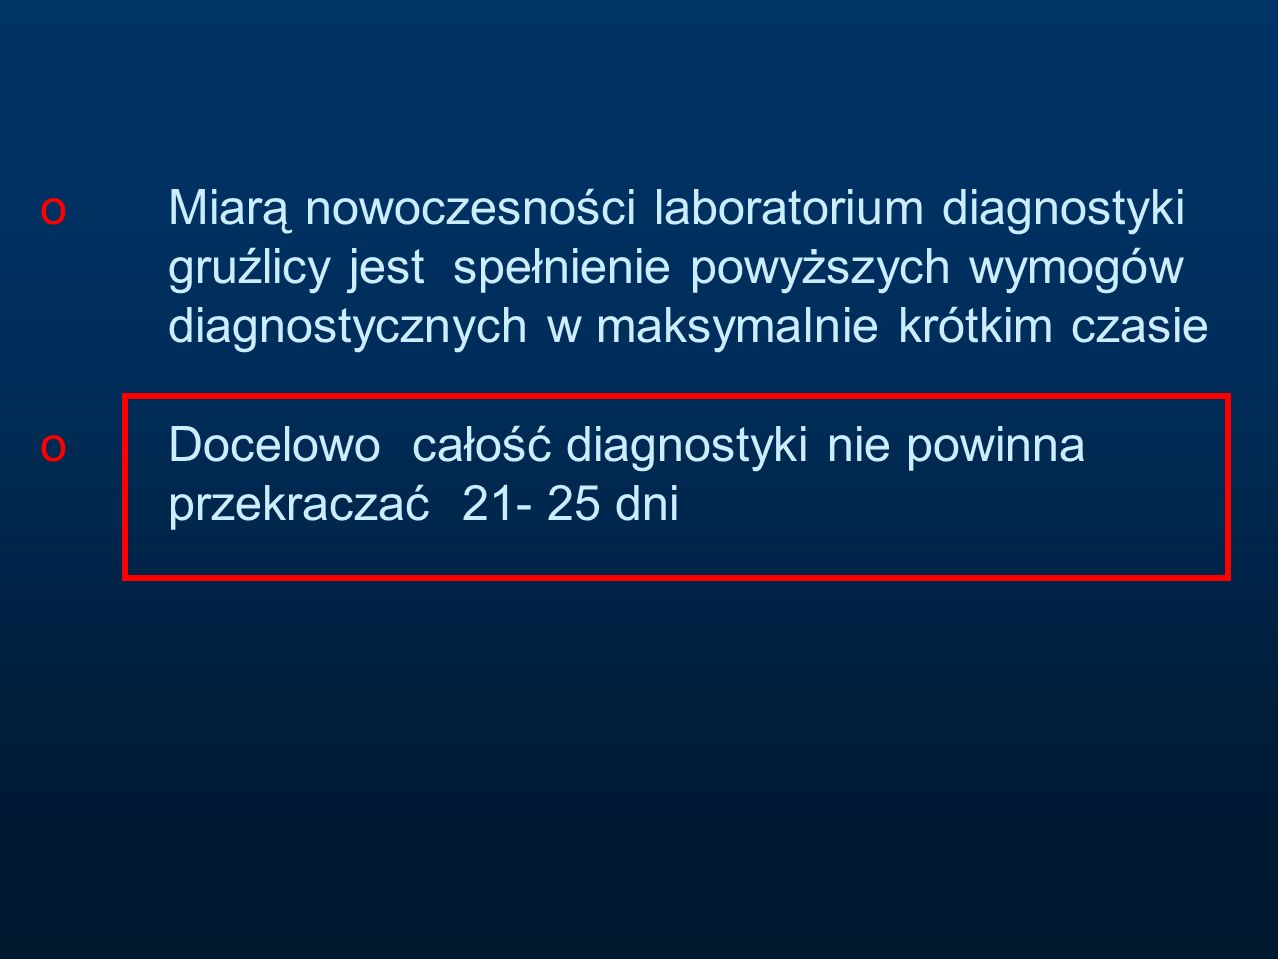 Miarą nowoczesności laboratorium diagnostyki